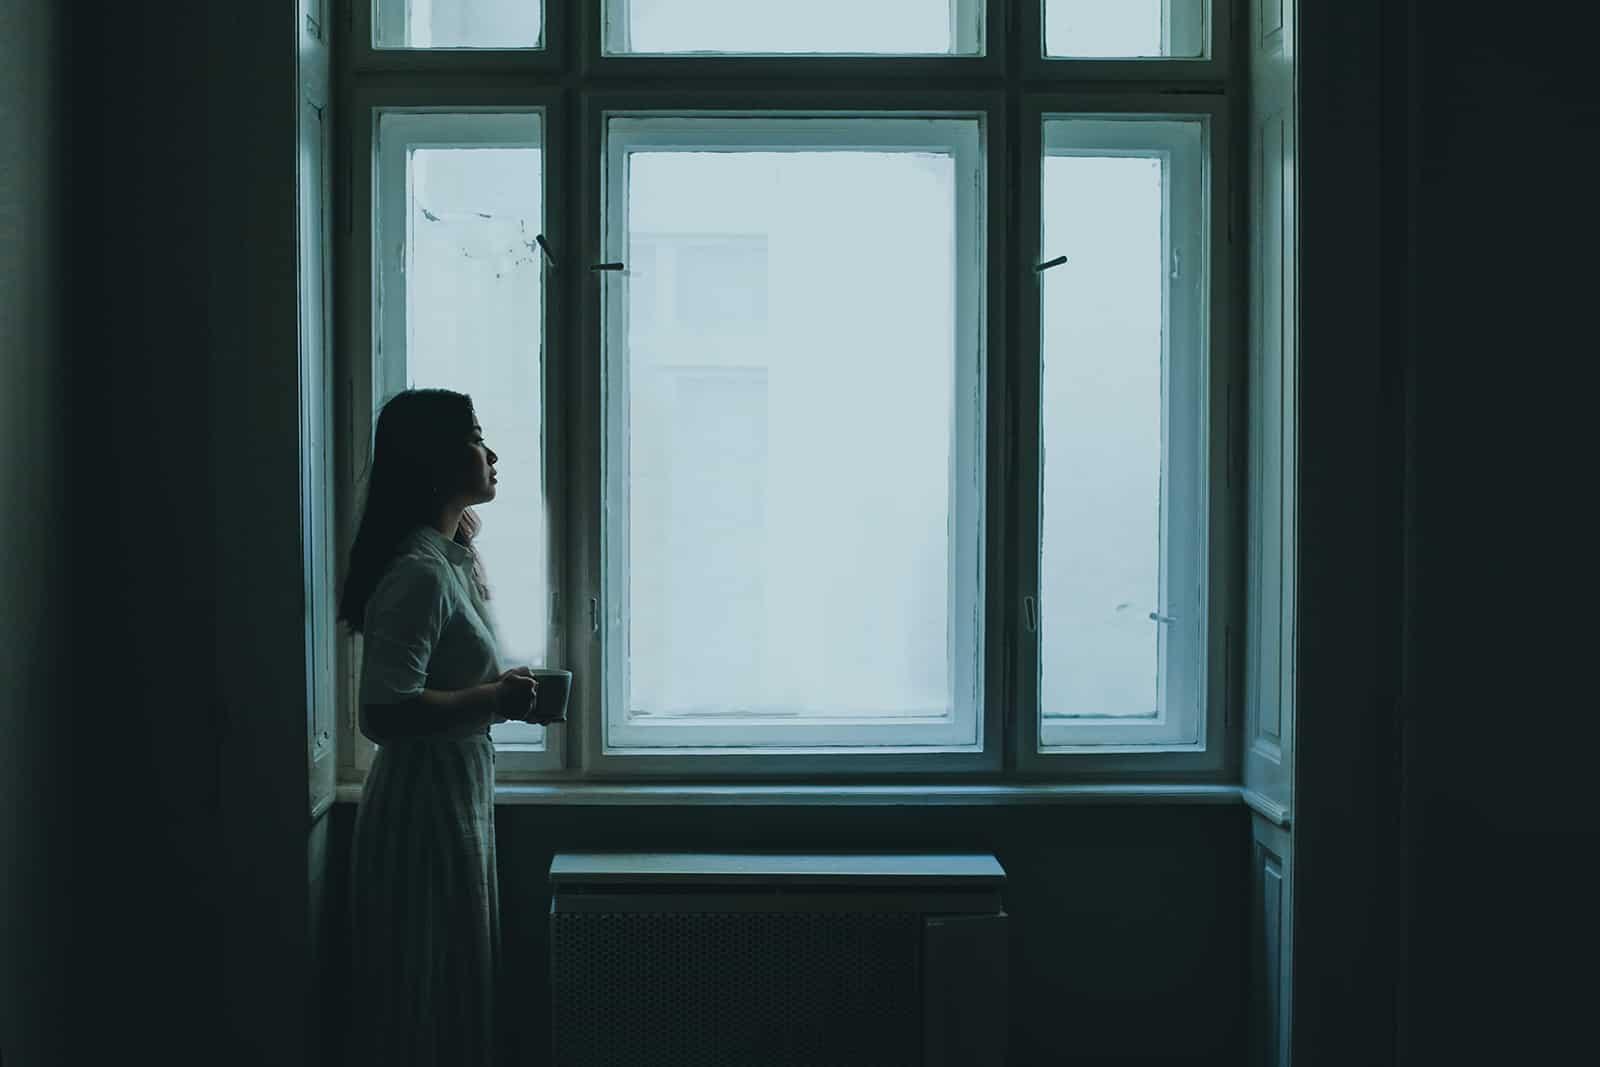 eine Frau, die in einem dunklen Raum neben dem Fenster steht